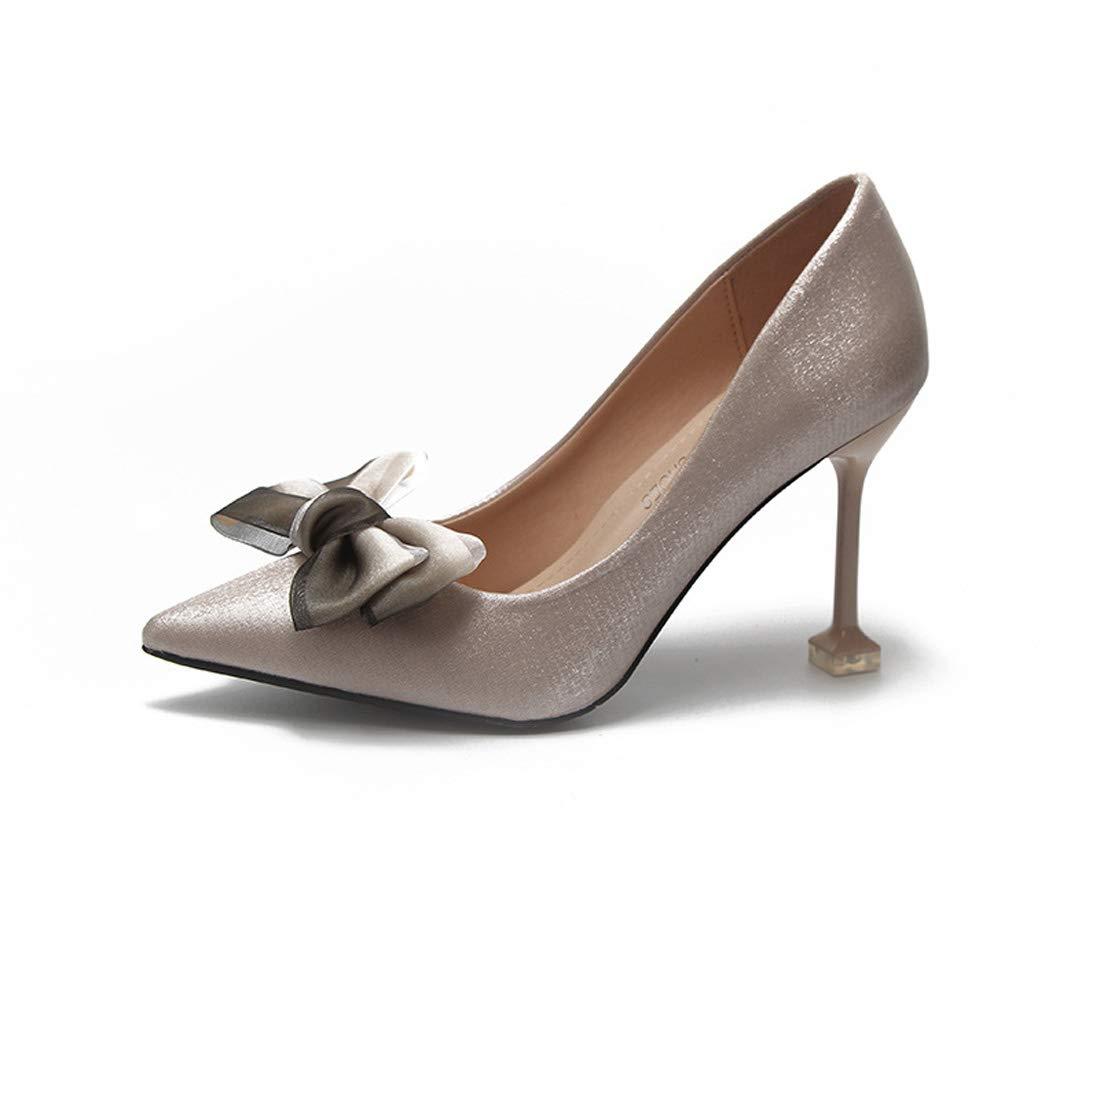 ZXMXY Frauen Court Schuhe Bow High Heels Herbst Mode Spitz Kitten HEE Schuhe Sandalen im Freien